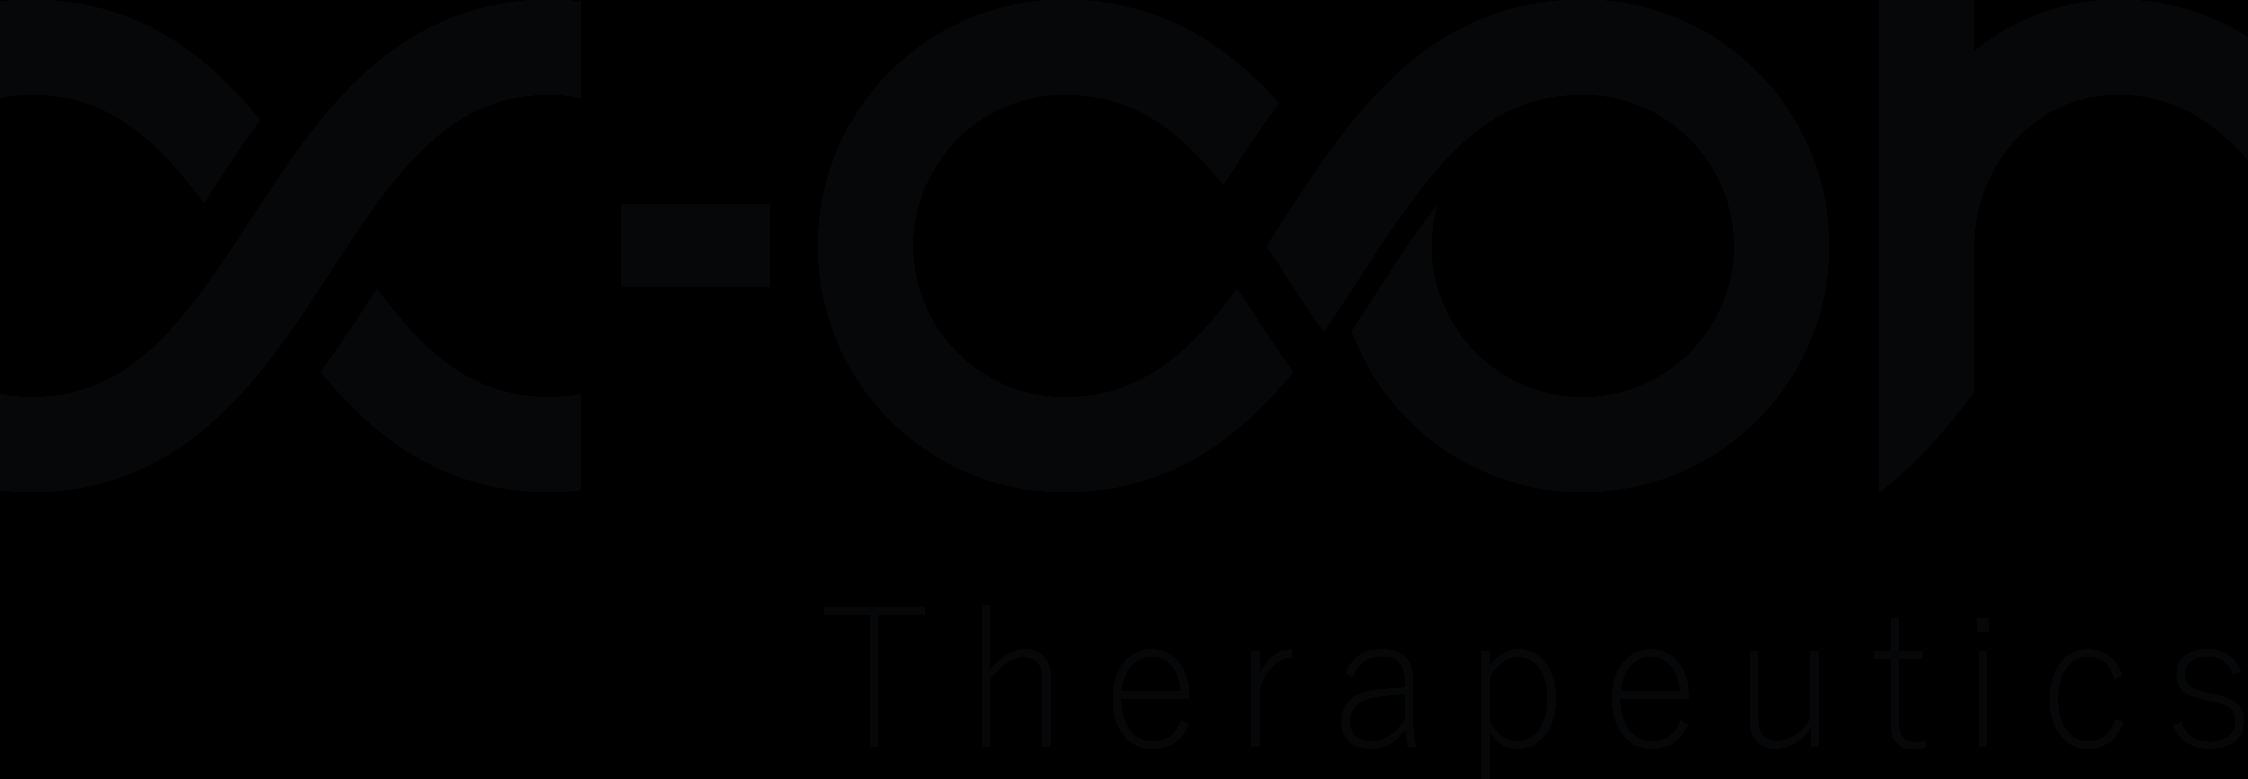 X-COR Therapeutics